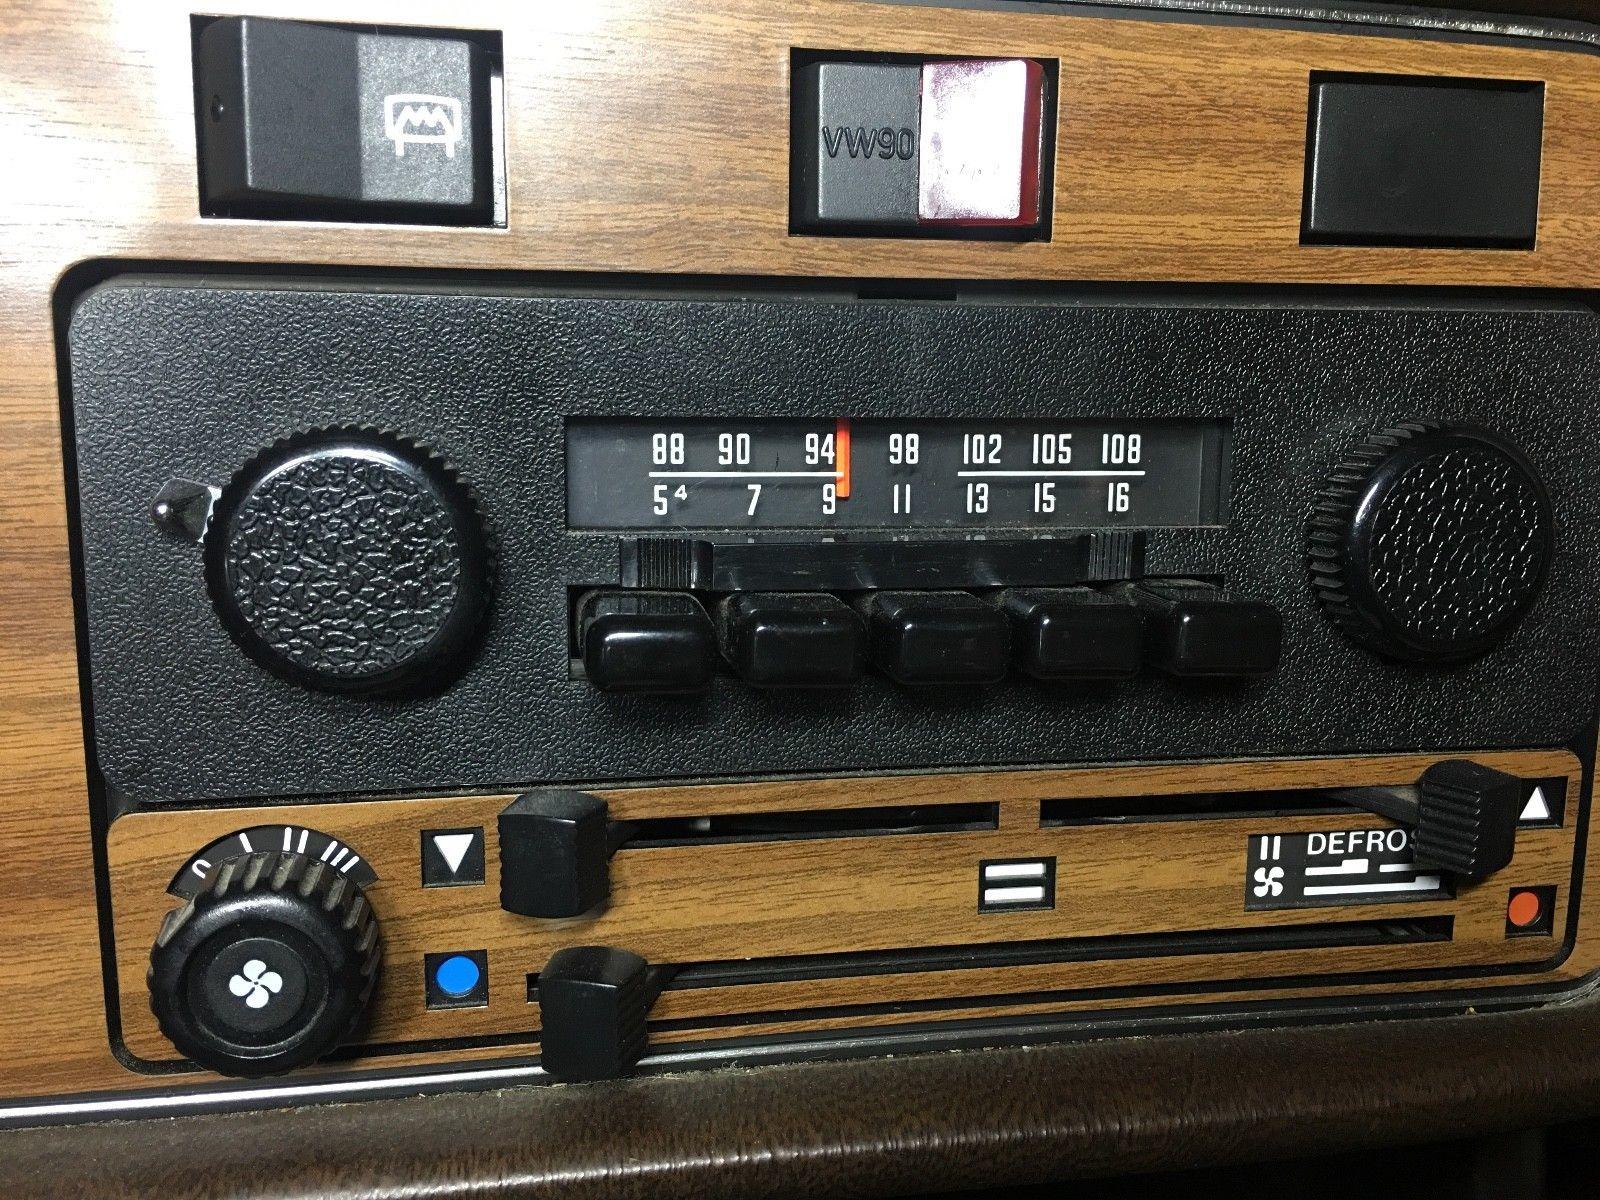 1978 Volkswagen Scirocco radio